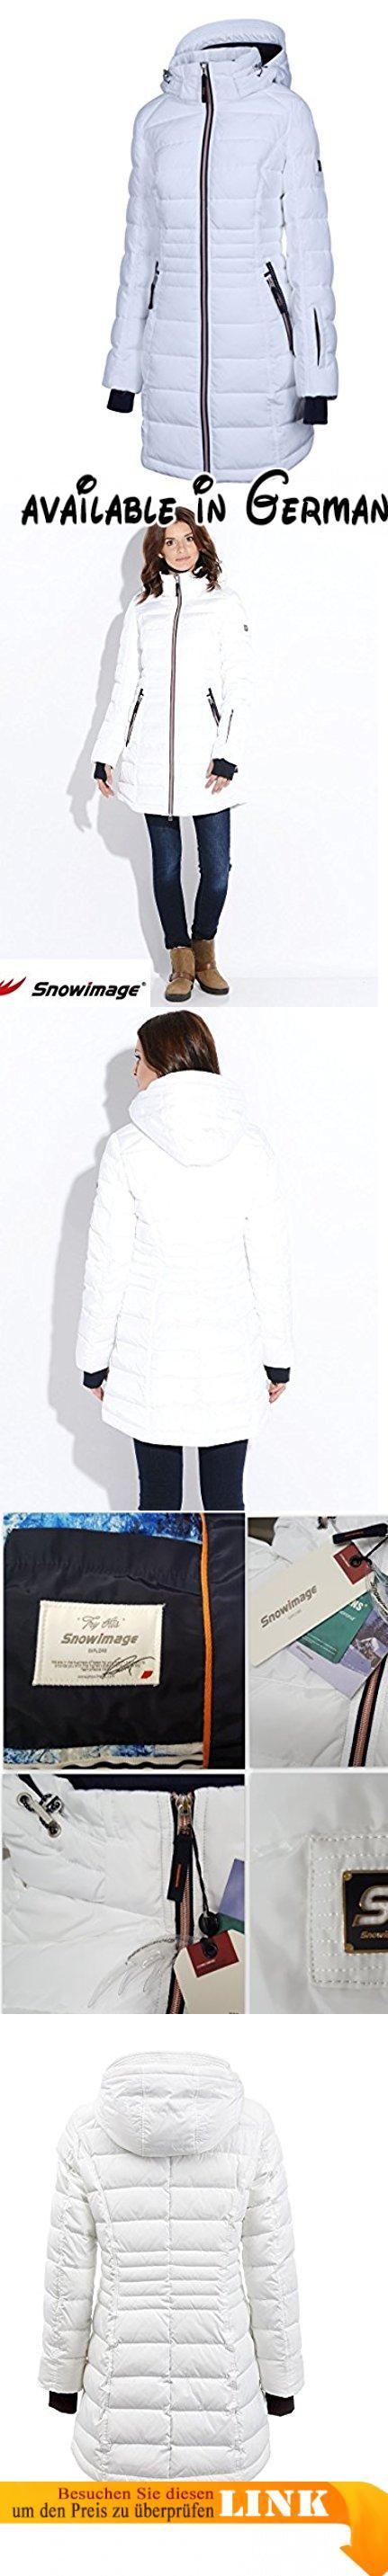 """M506 Damen Winterjacke """"SNOWIMAGE"""" abnehmbare Kapuze Daunen look (34(S) weiß). M503 Damen Daunenmantel mit Echtfellkapuze AVIATOR. Passform: figurbetont, schmal. Bei kurviger Figur oder breiten Schultern empfehlen wir, eine Nummer größer zu wählen. Genaue Größenangaben entnehmen Sie bitte aus Produktbeschreibung unten. Gesamtlänge: 82 cm bei Größe 36.. Kapuze in Form Aviator-Mütze, abnehmar, mit Echtfell - Kanin. Elastische Ärmelbündchen, tiefe Seitentaschen mit"""